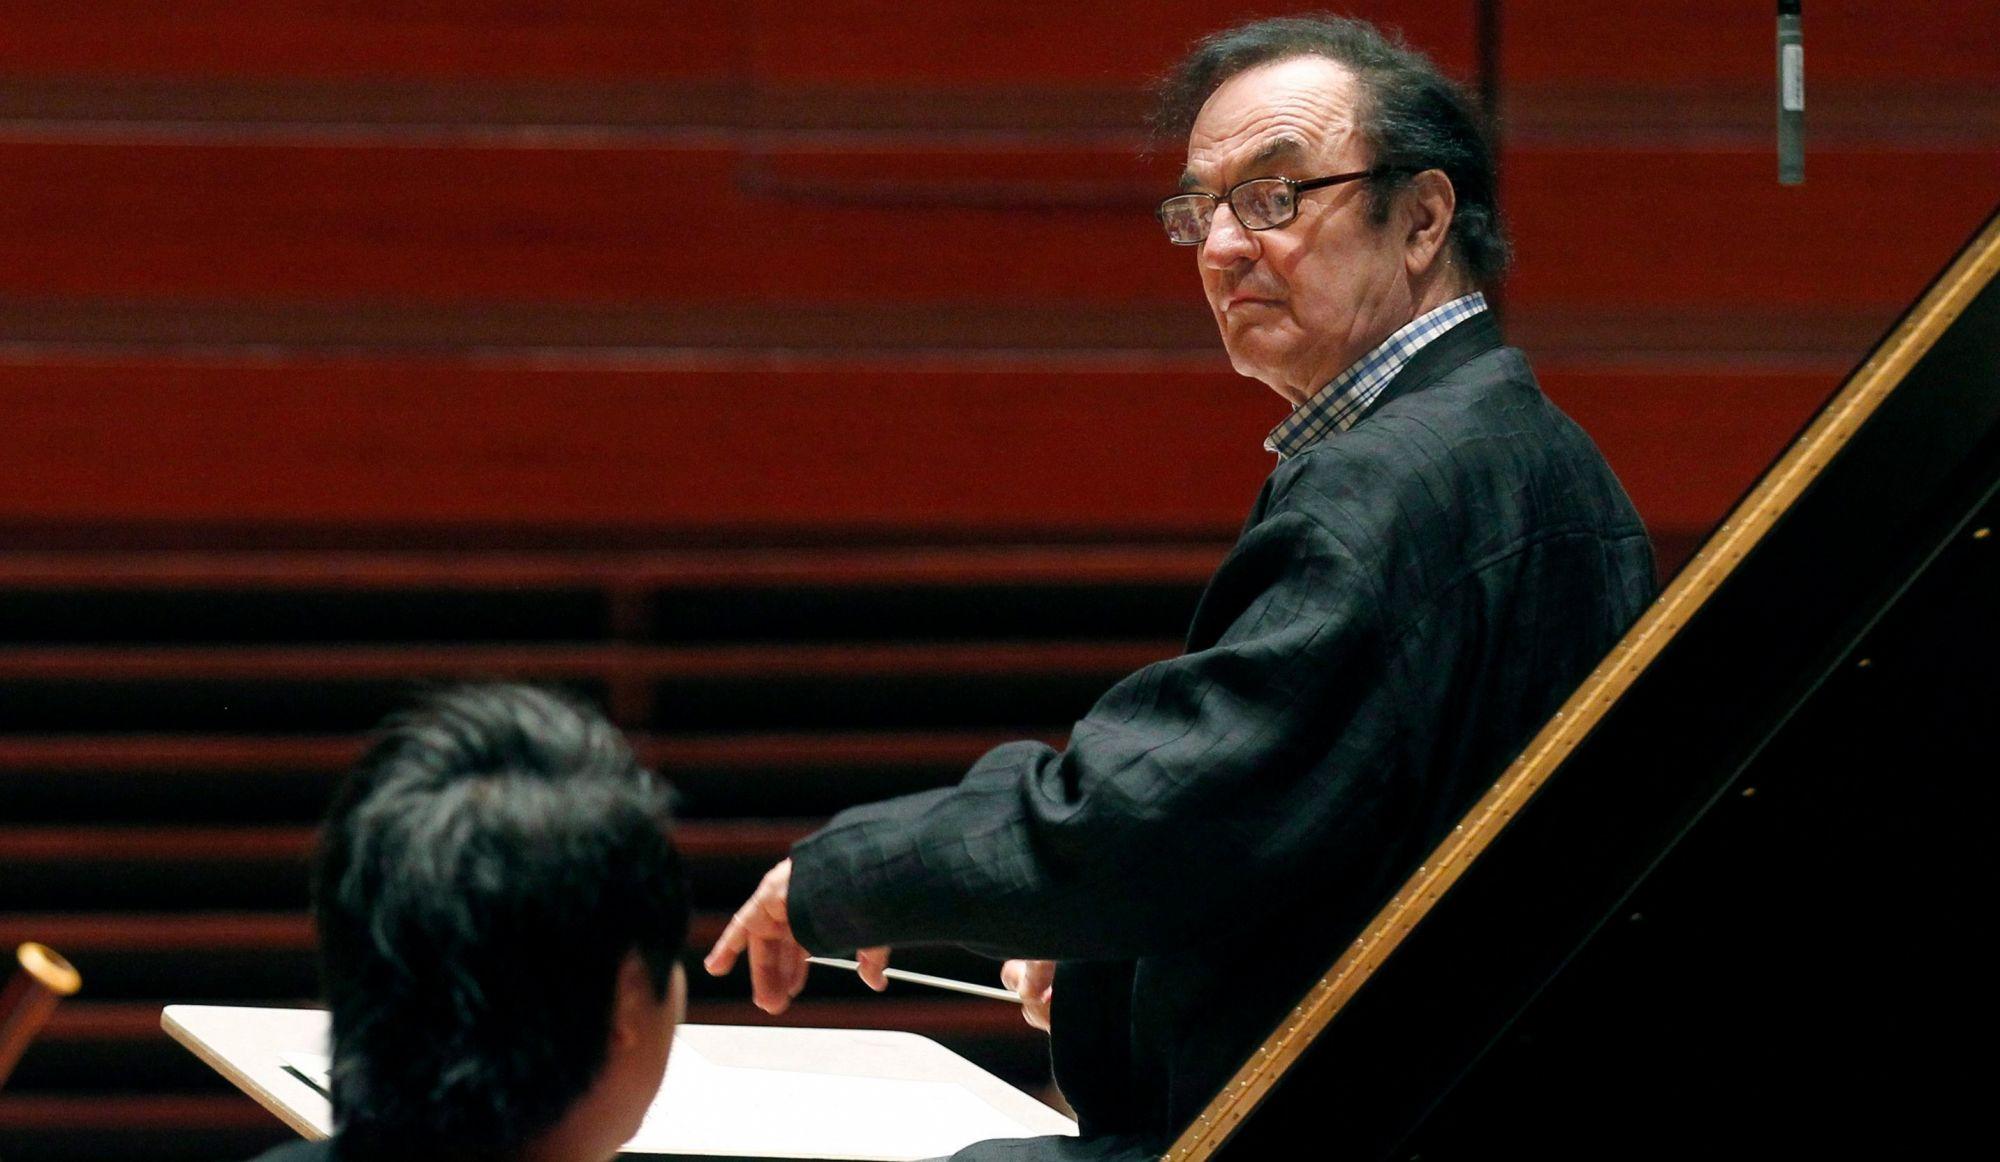 Lucien Bouchard touché par les témoignages concernant Dutoit